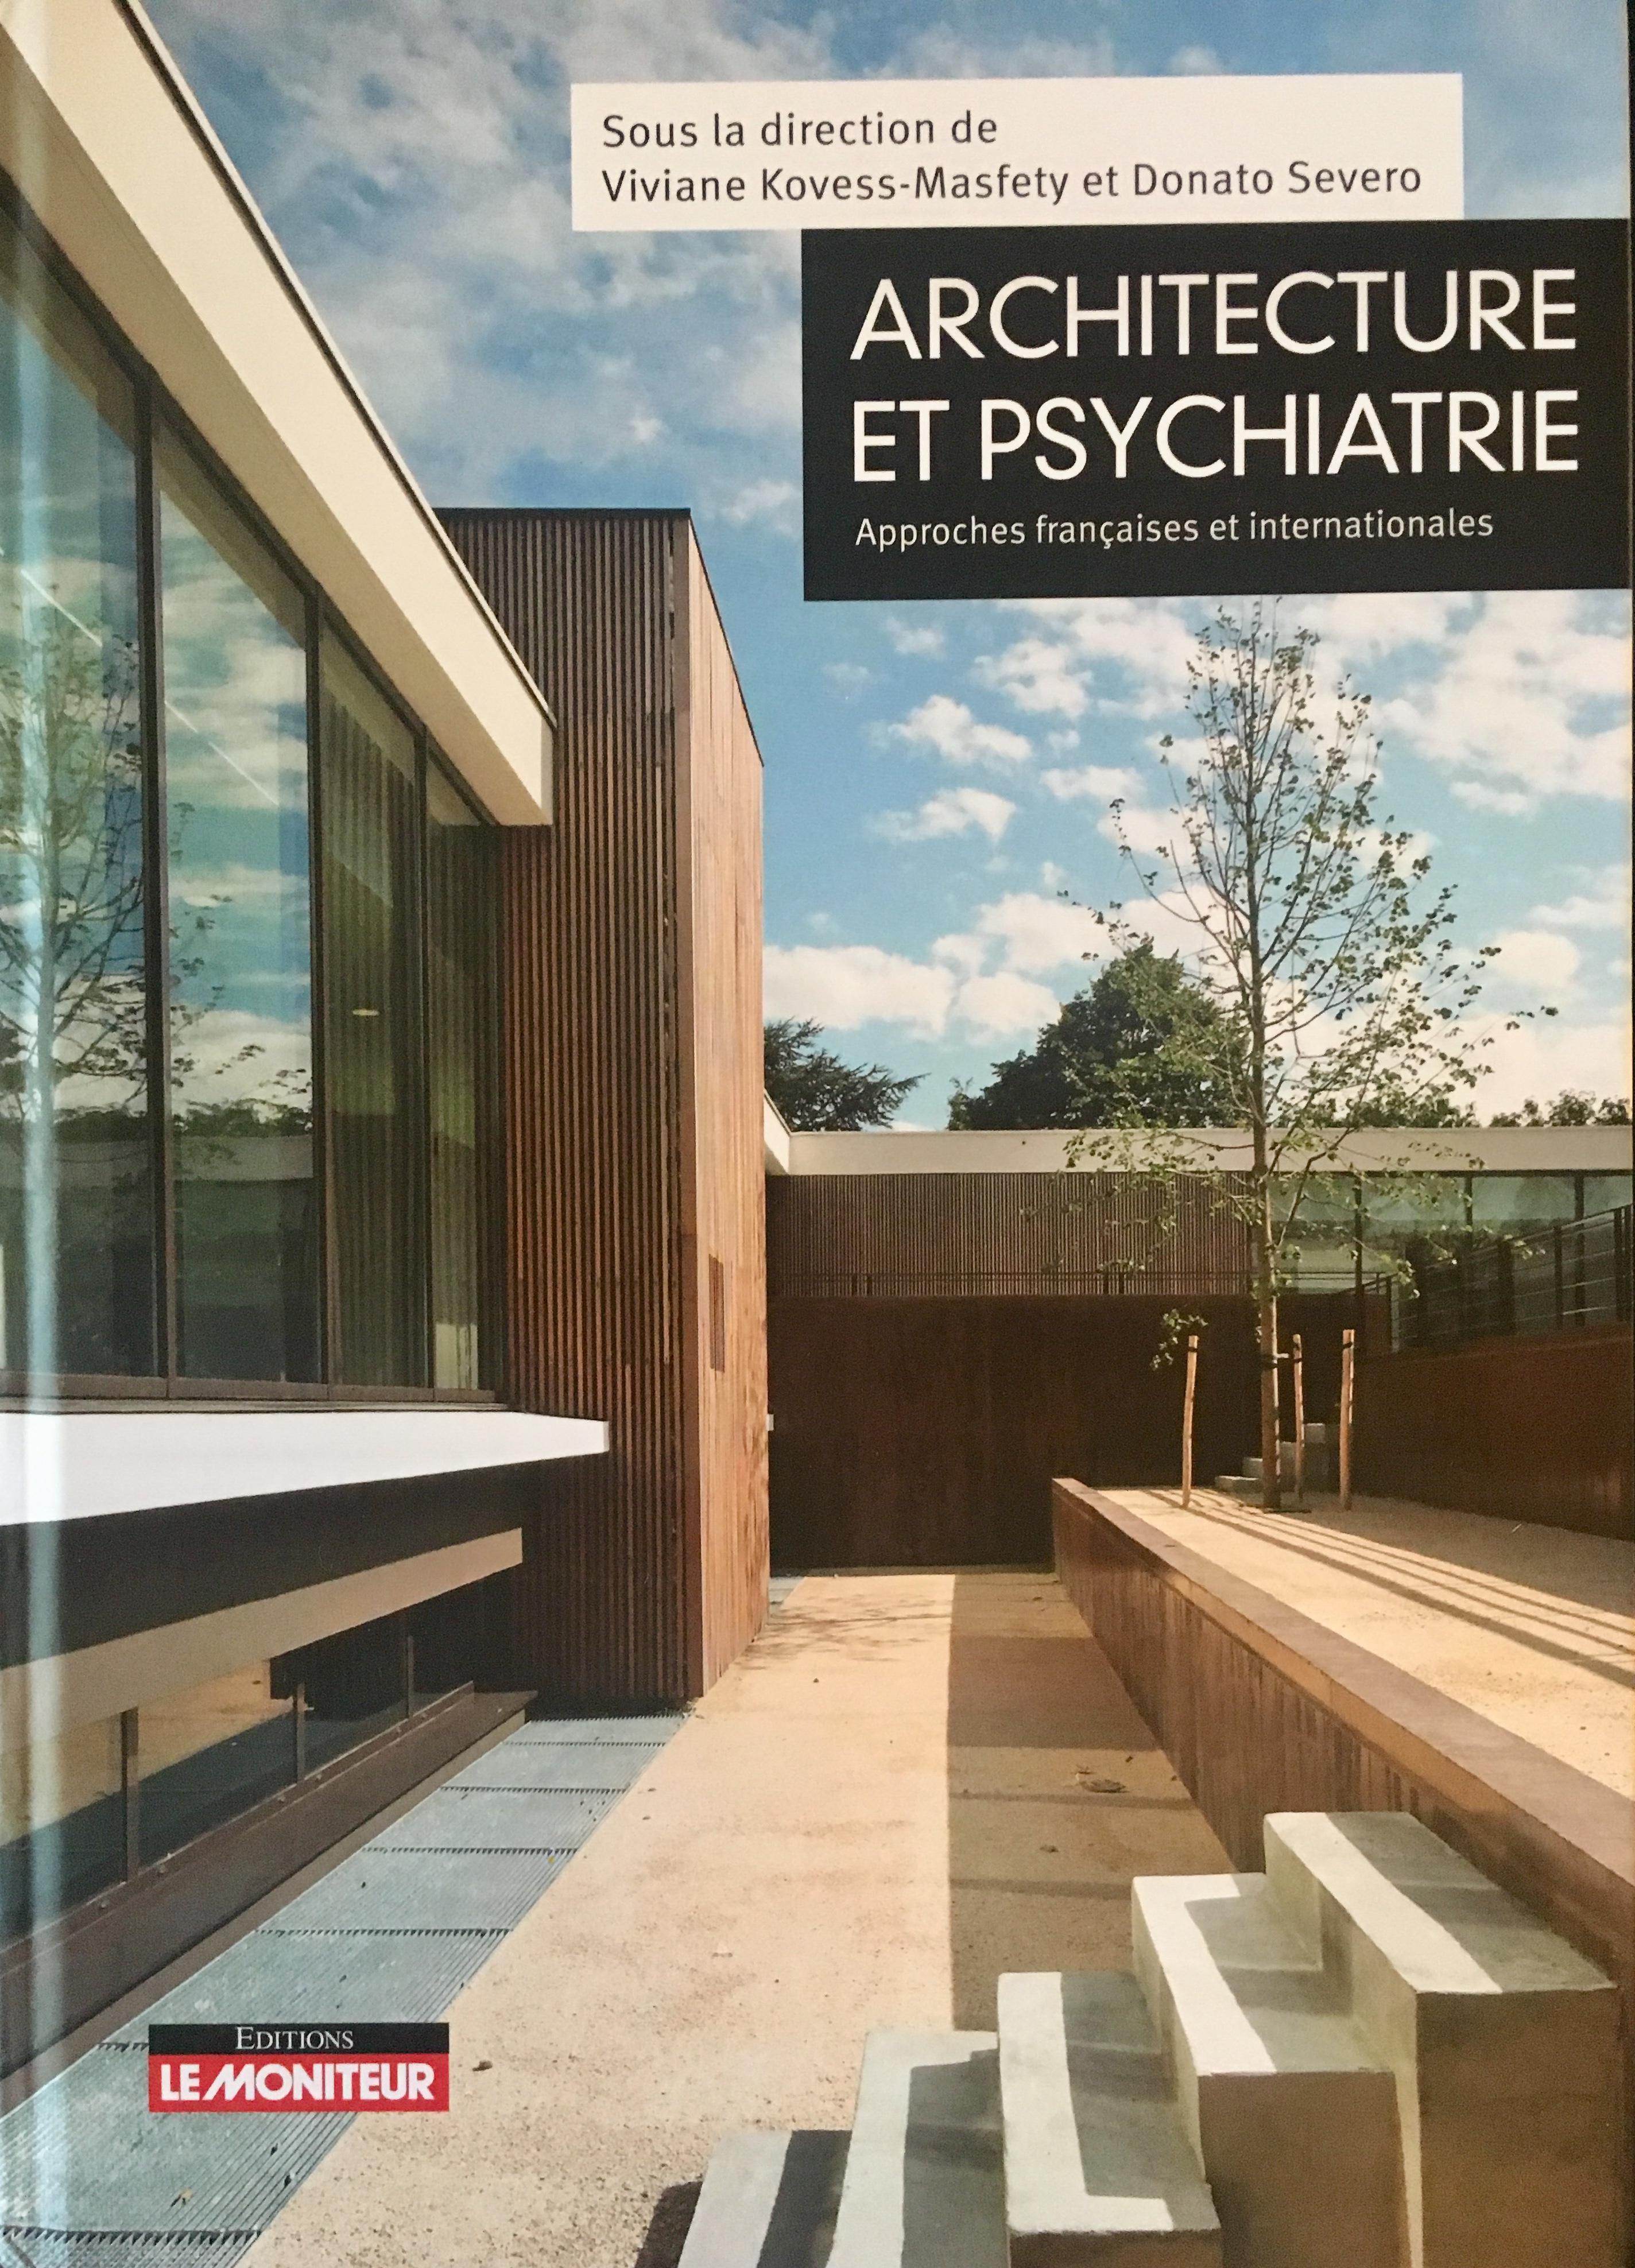 Archi&Psychia1